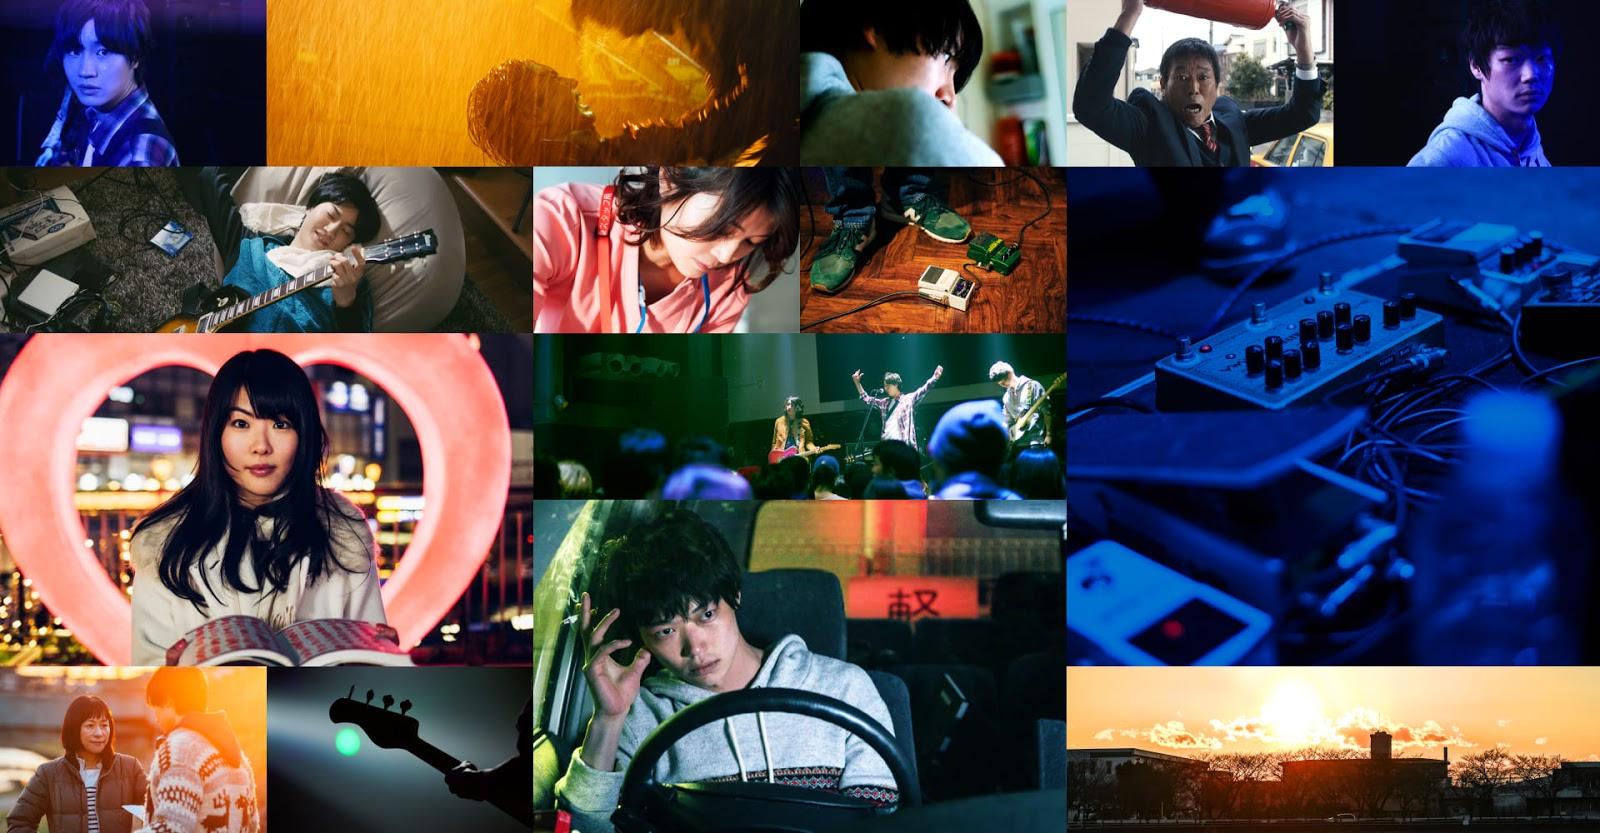 La (Tomohiro Takahashi) - reparto